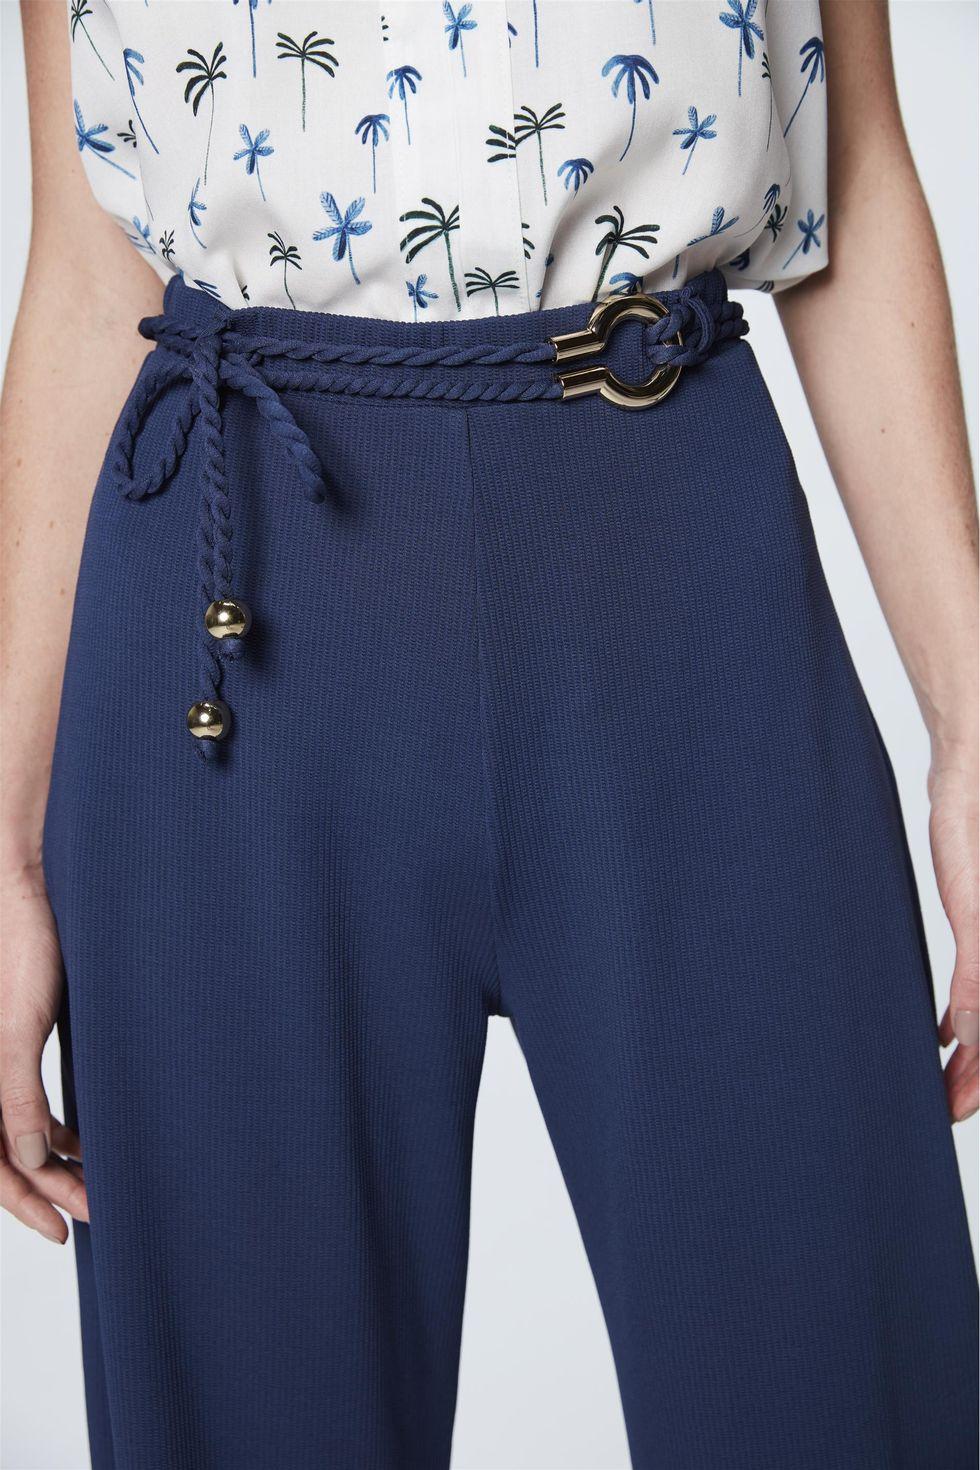 Calca-Pantalona-Cropped-Azul-Escuro-Frente--